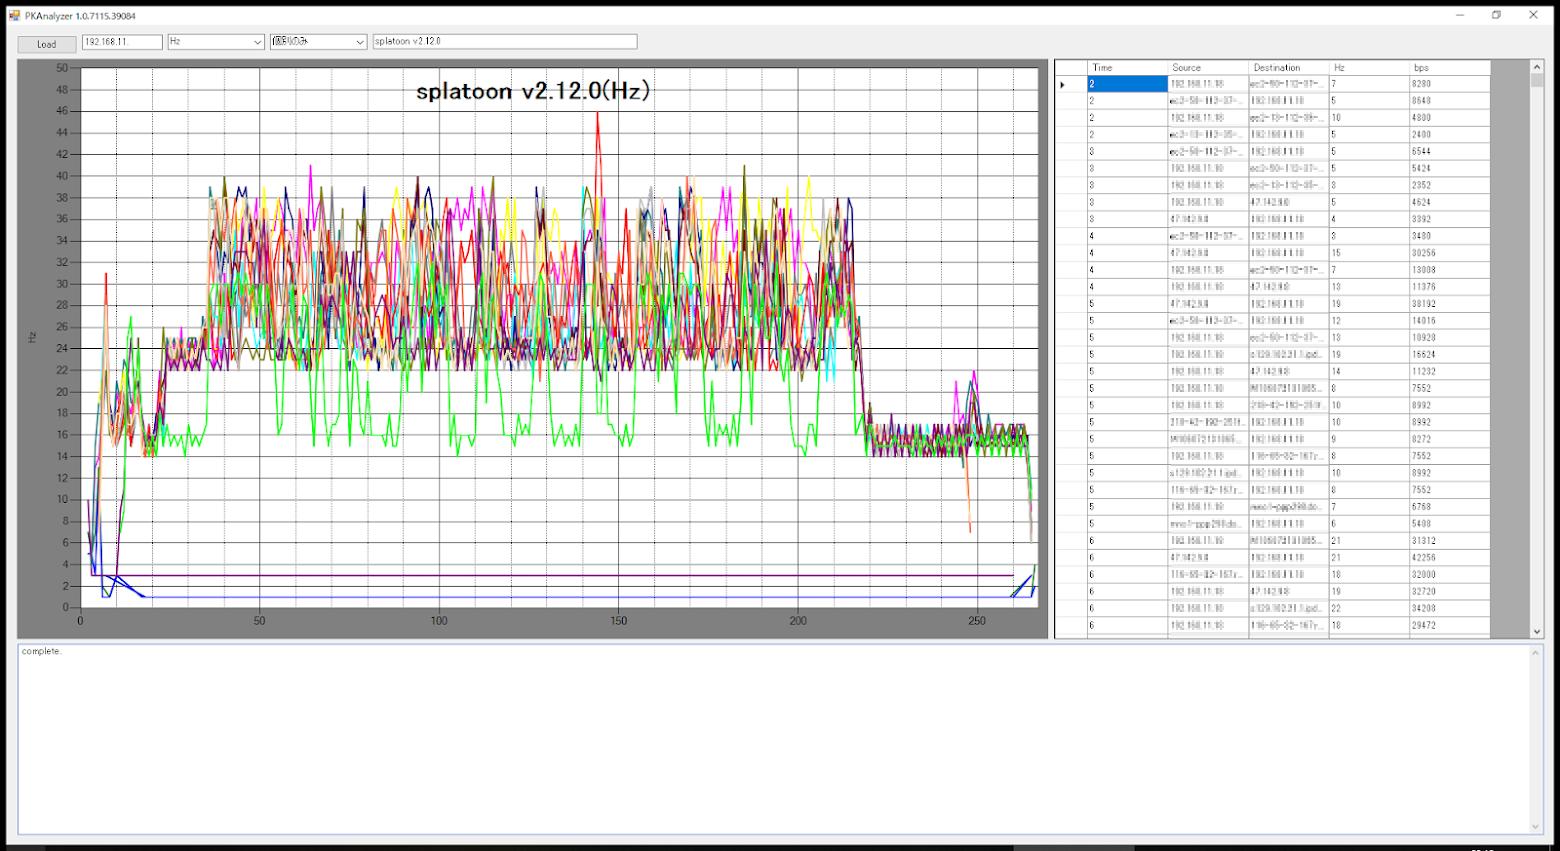 ネットワークアップデートレート検証データベース(updaterate tickrate netcode database)